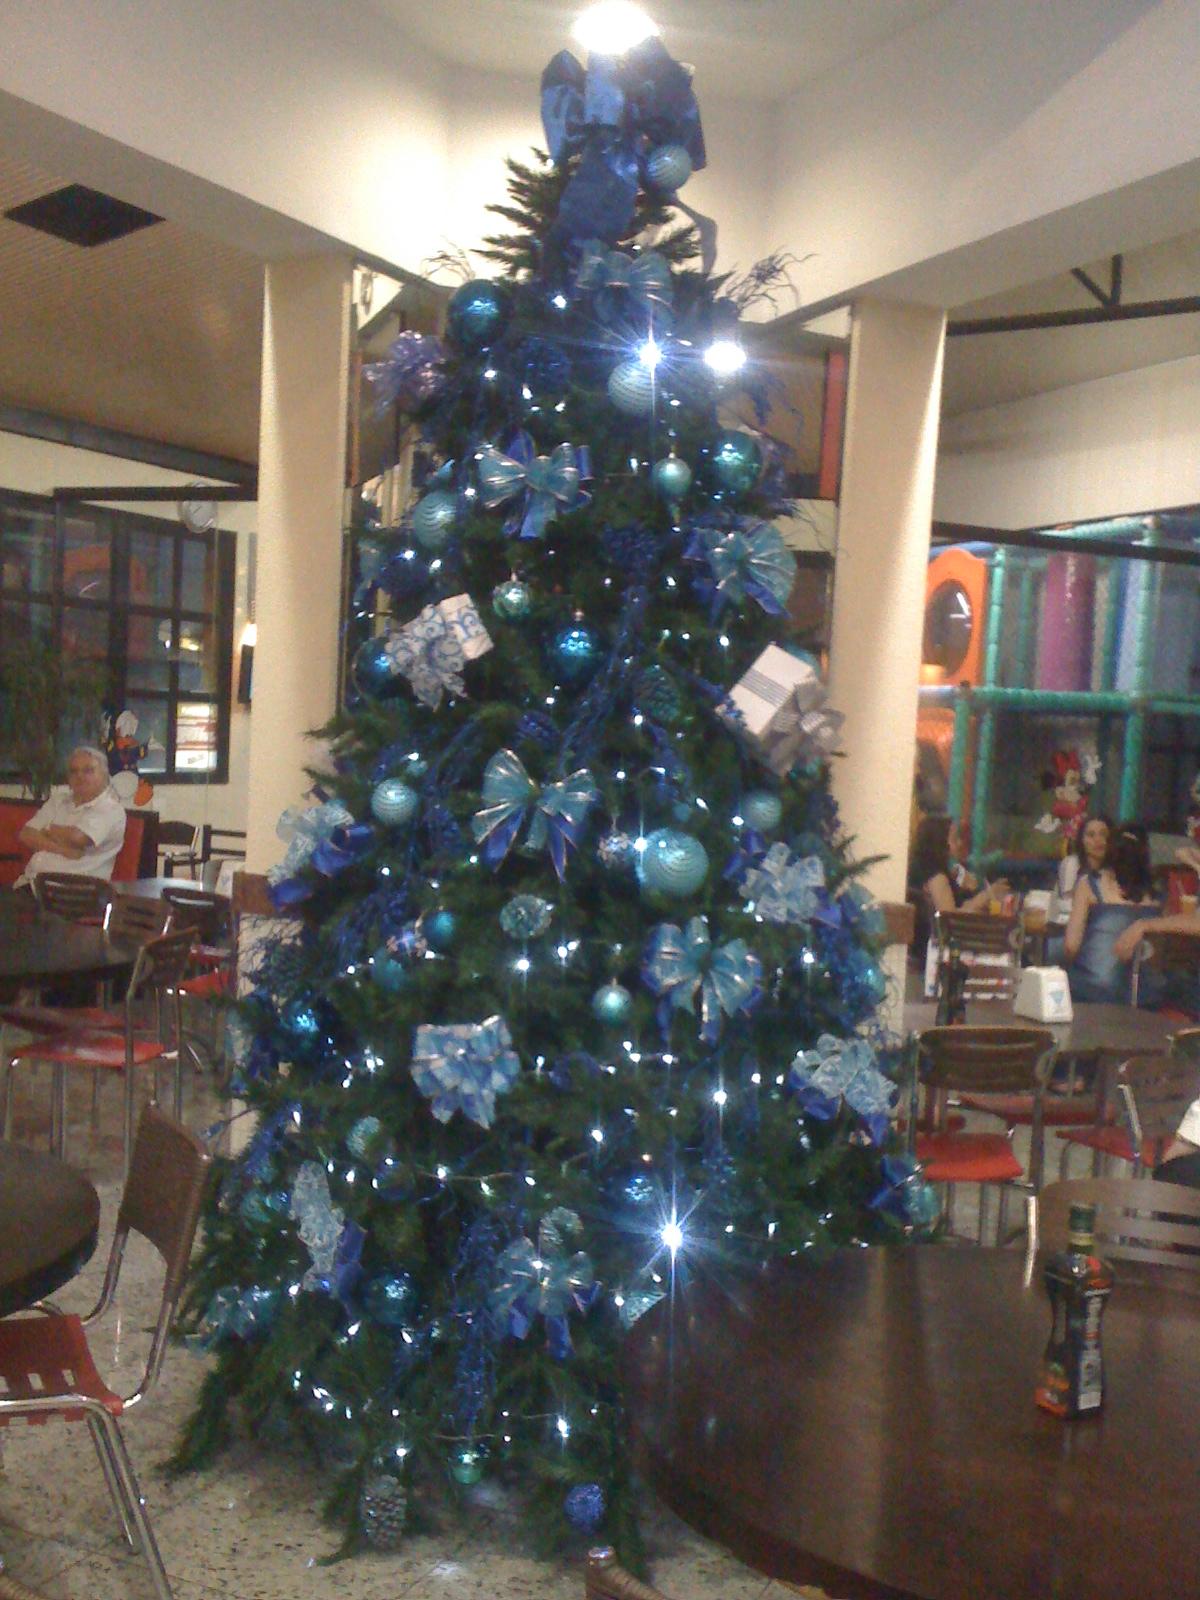 decoracao de arvore de natal azul e dourado : decoracao de arvore de natal azul e dourado:arranjo natalino Archives